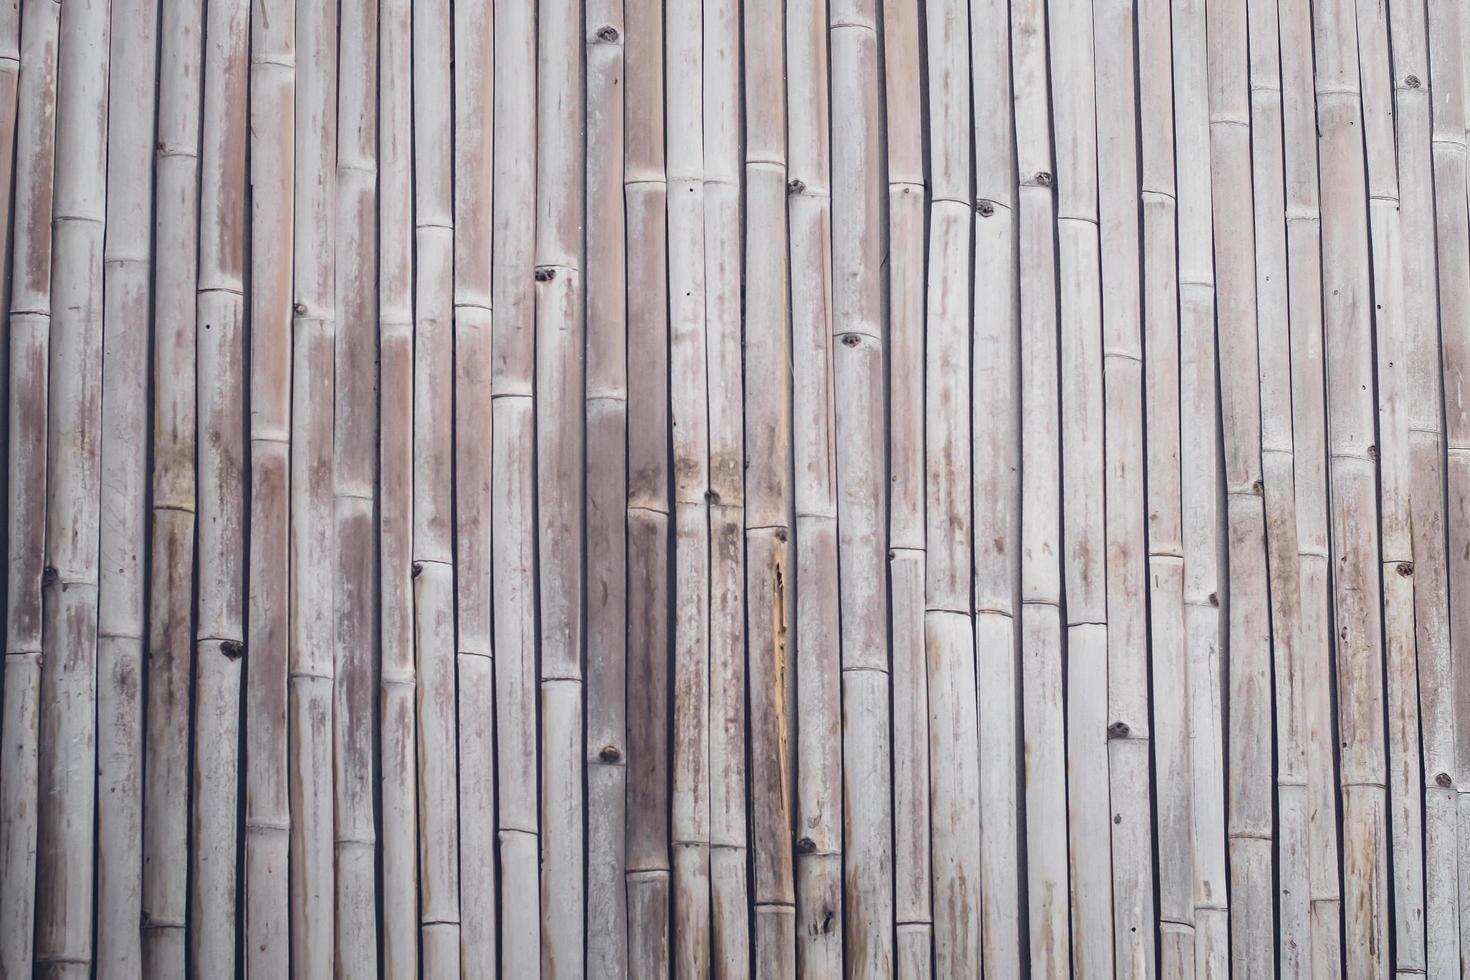 primo piano della parete di bambù in legno foto